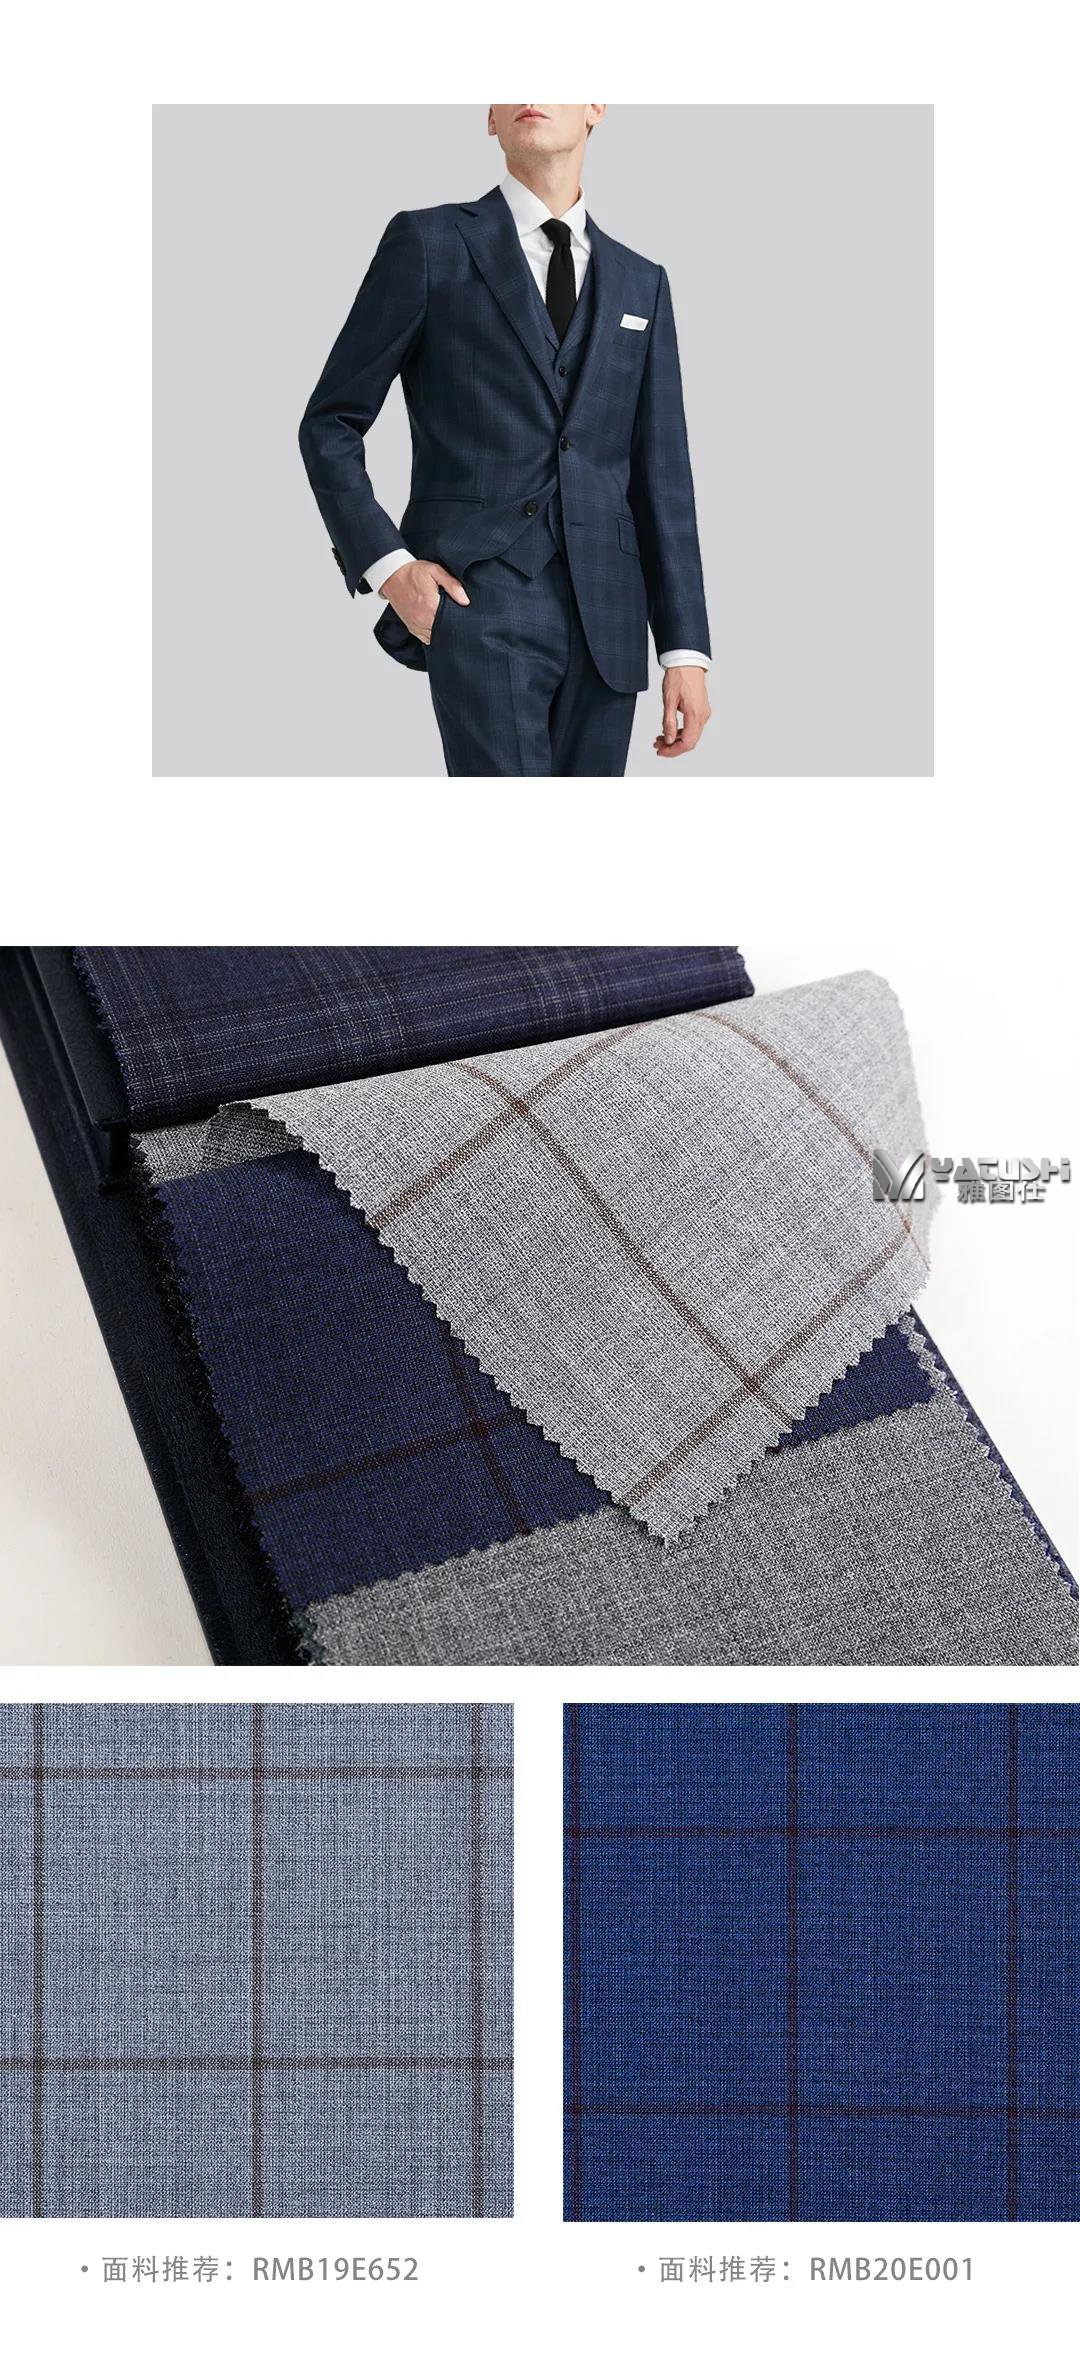 高支纱的布料做出来的西服特征